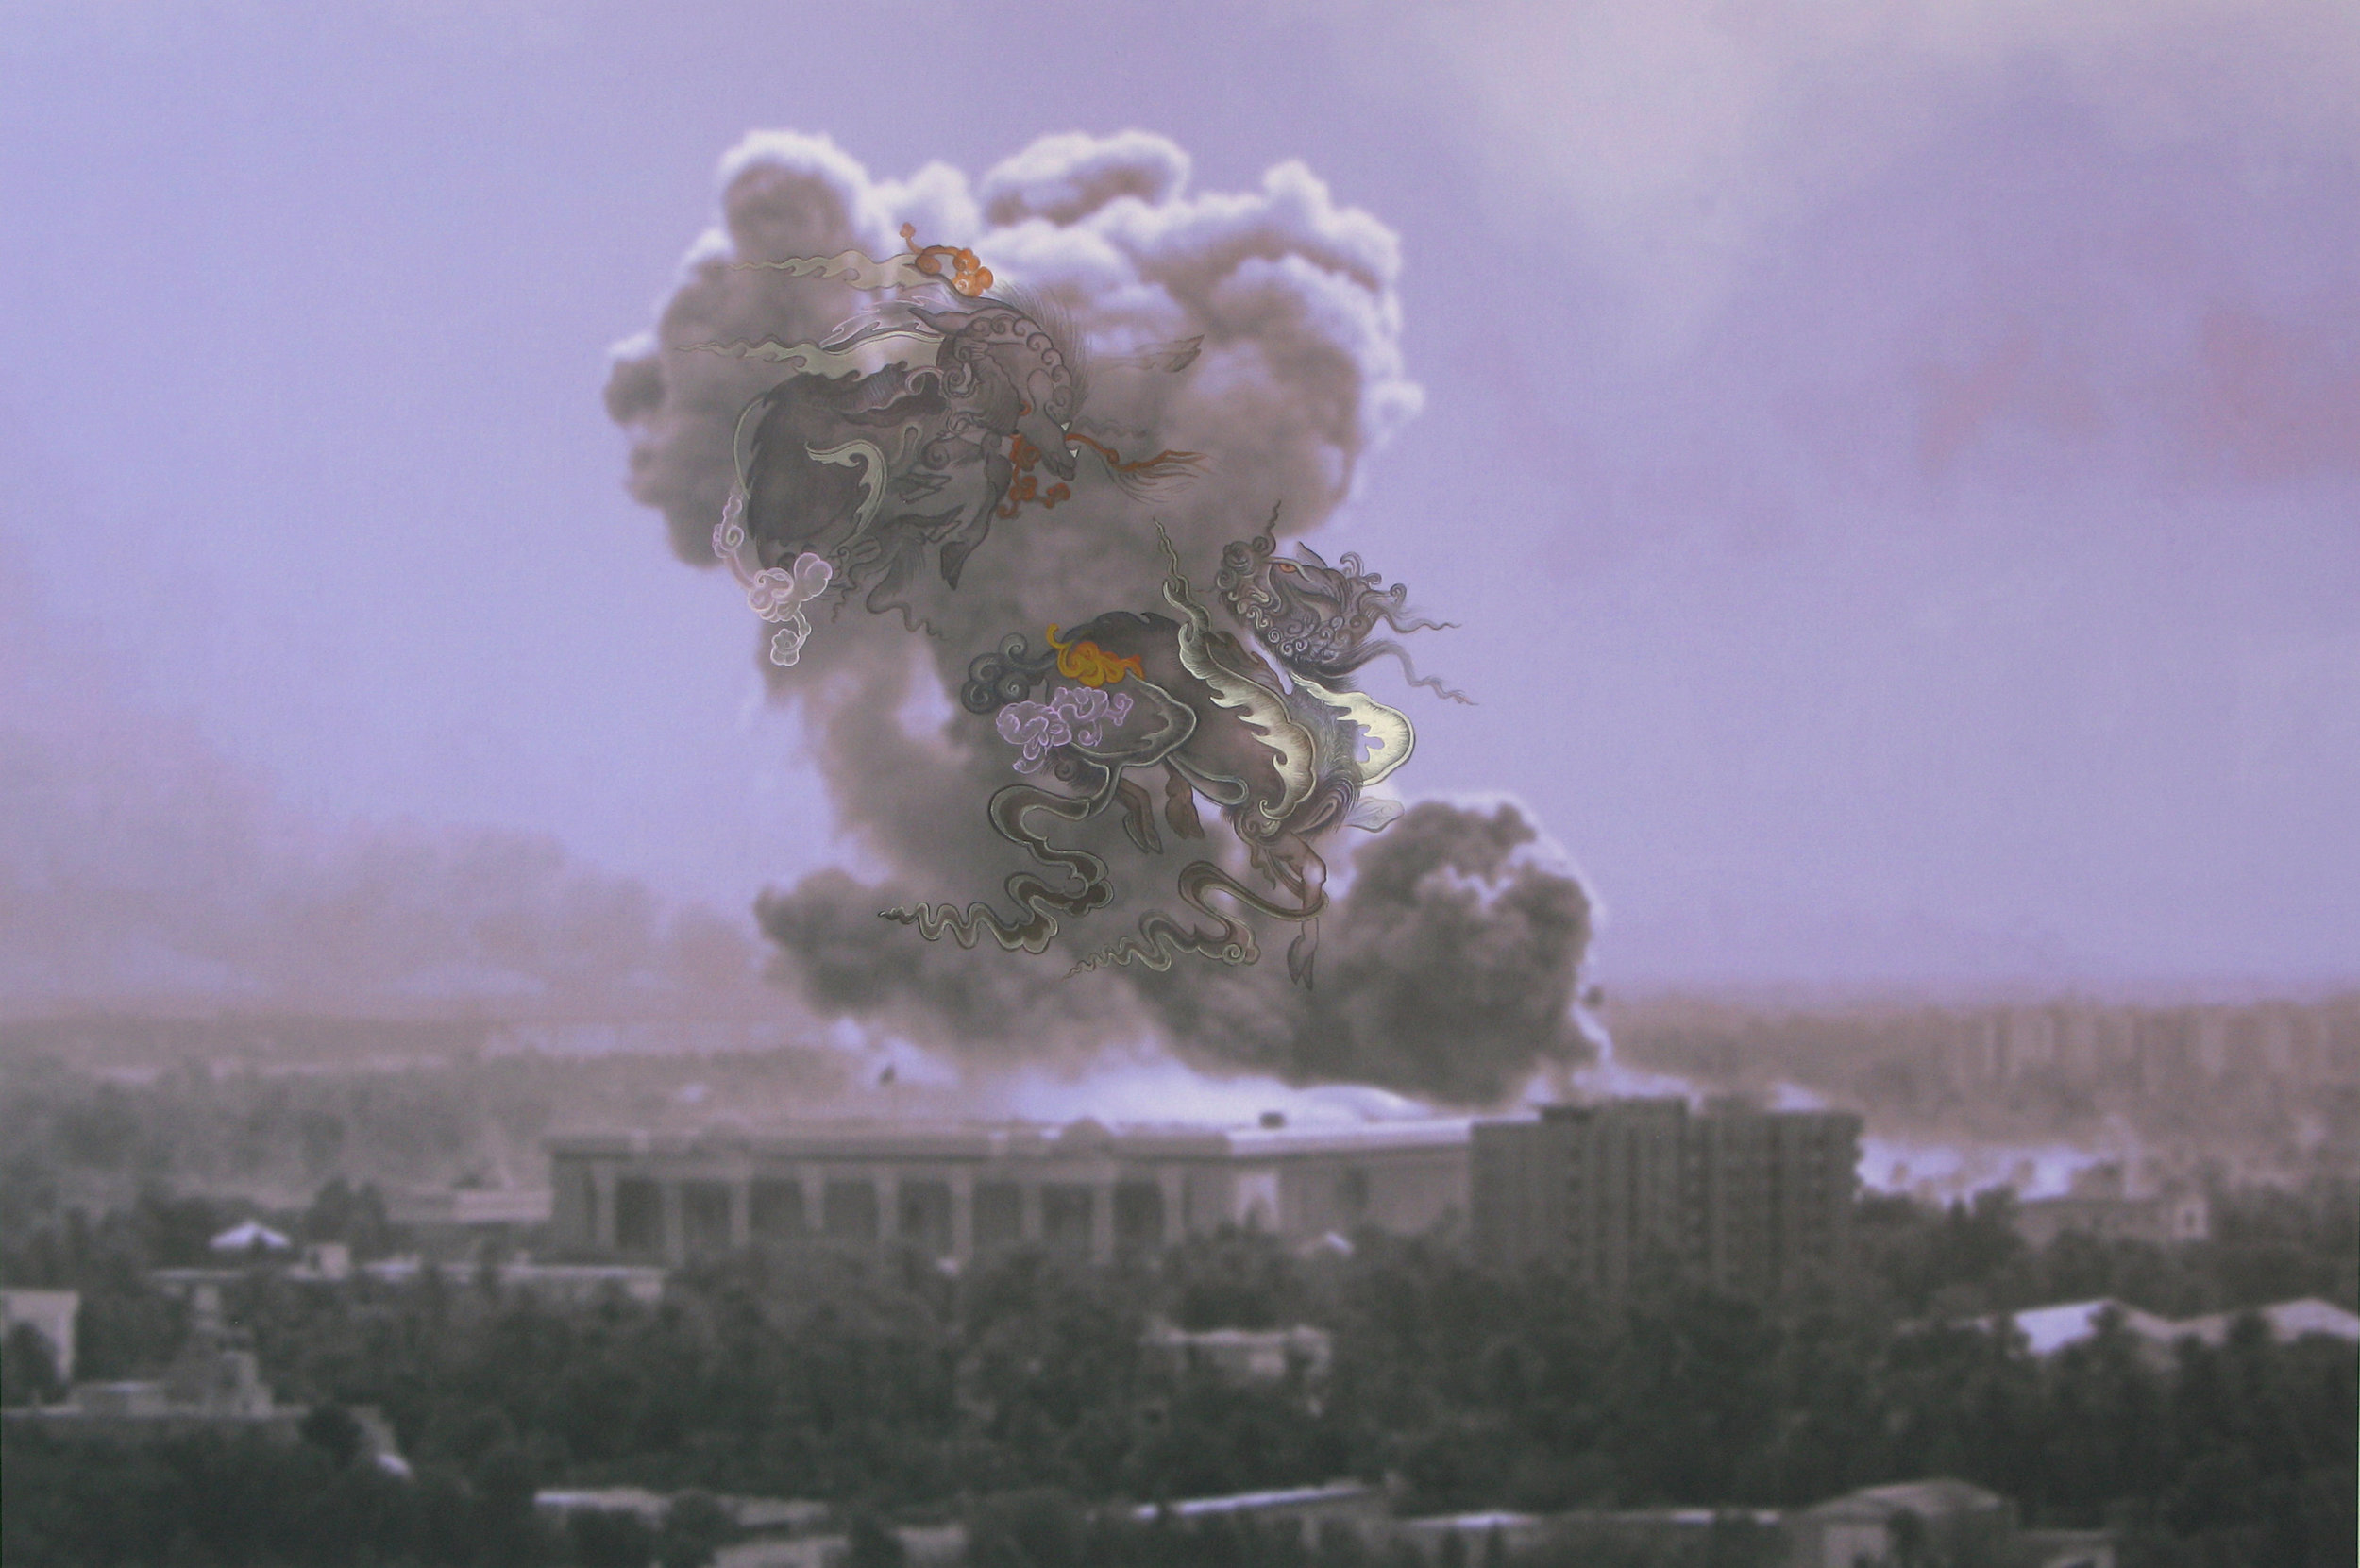 WRESTLING OVER RUIN, 2007